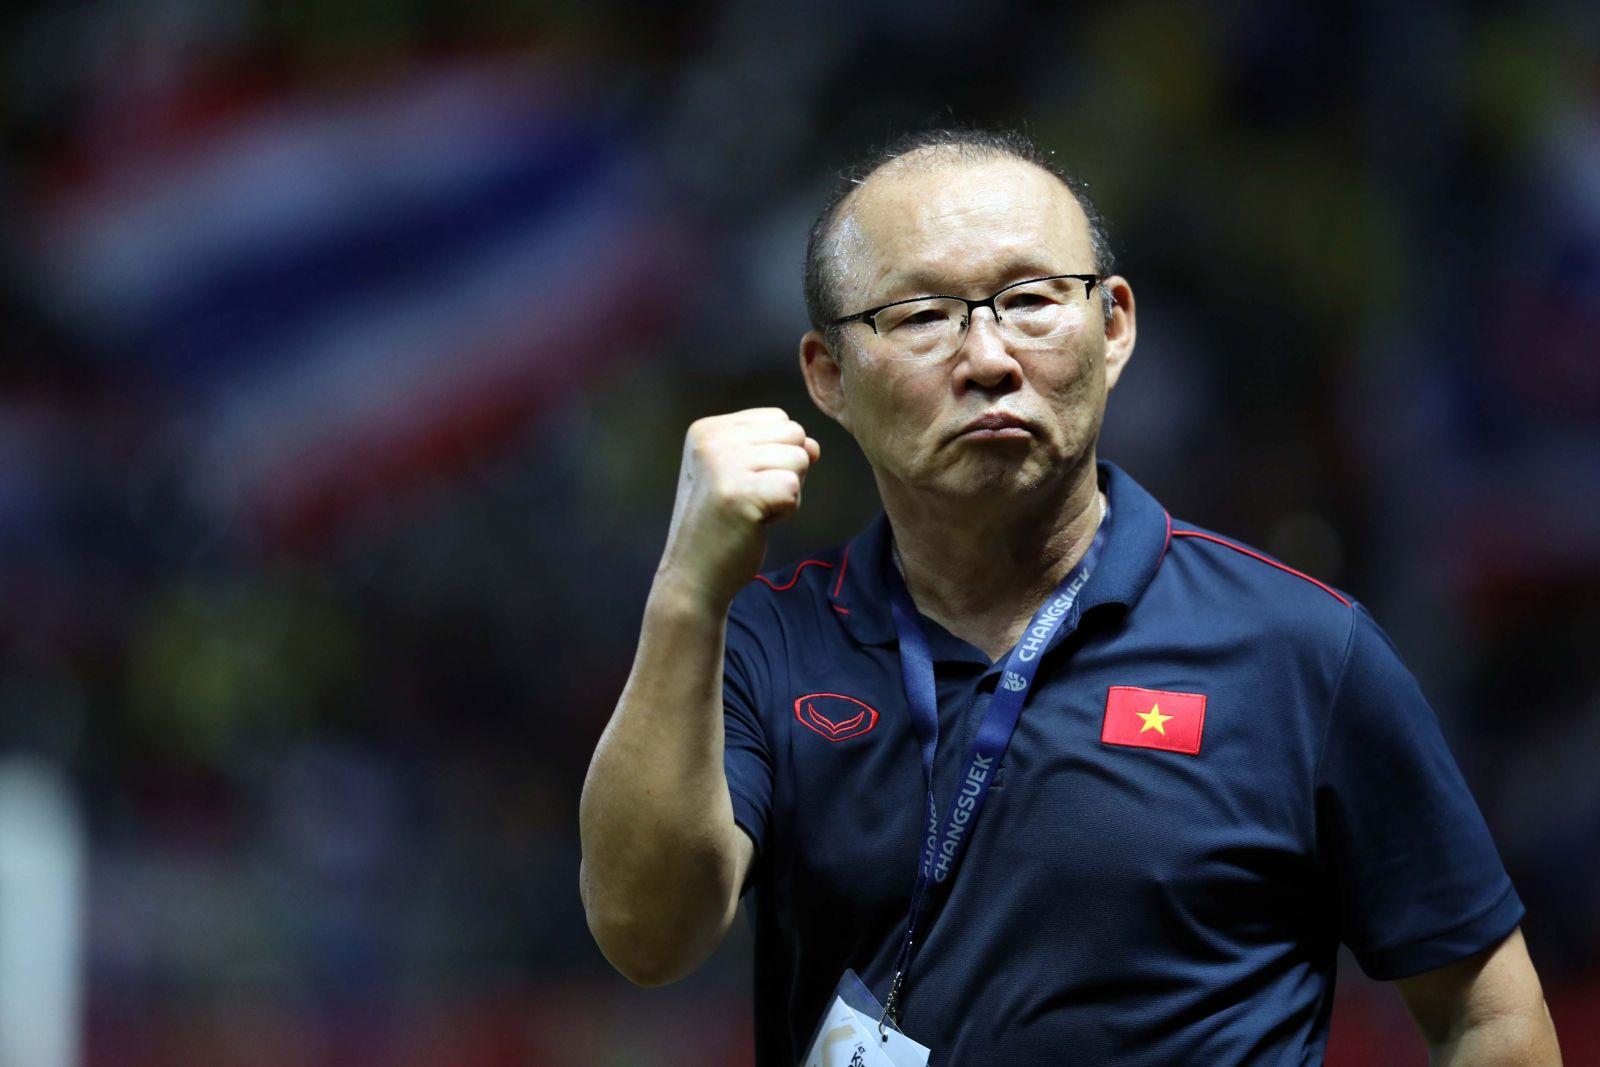 """Việt Nam quyết đấu Malaysia, """"hoàng tử Mùa đông không lạnh"""" liền nói 1 câu về HLV Park - 5"""